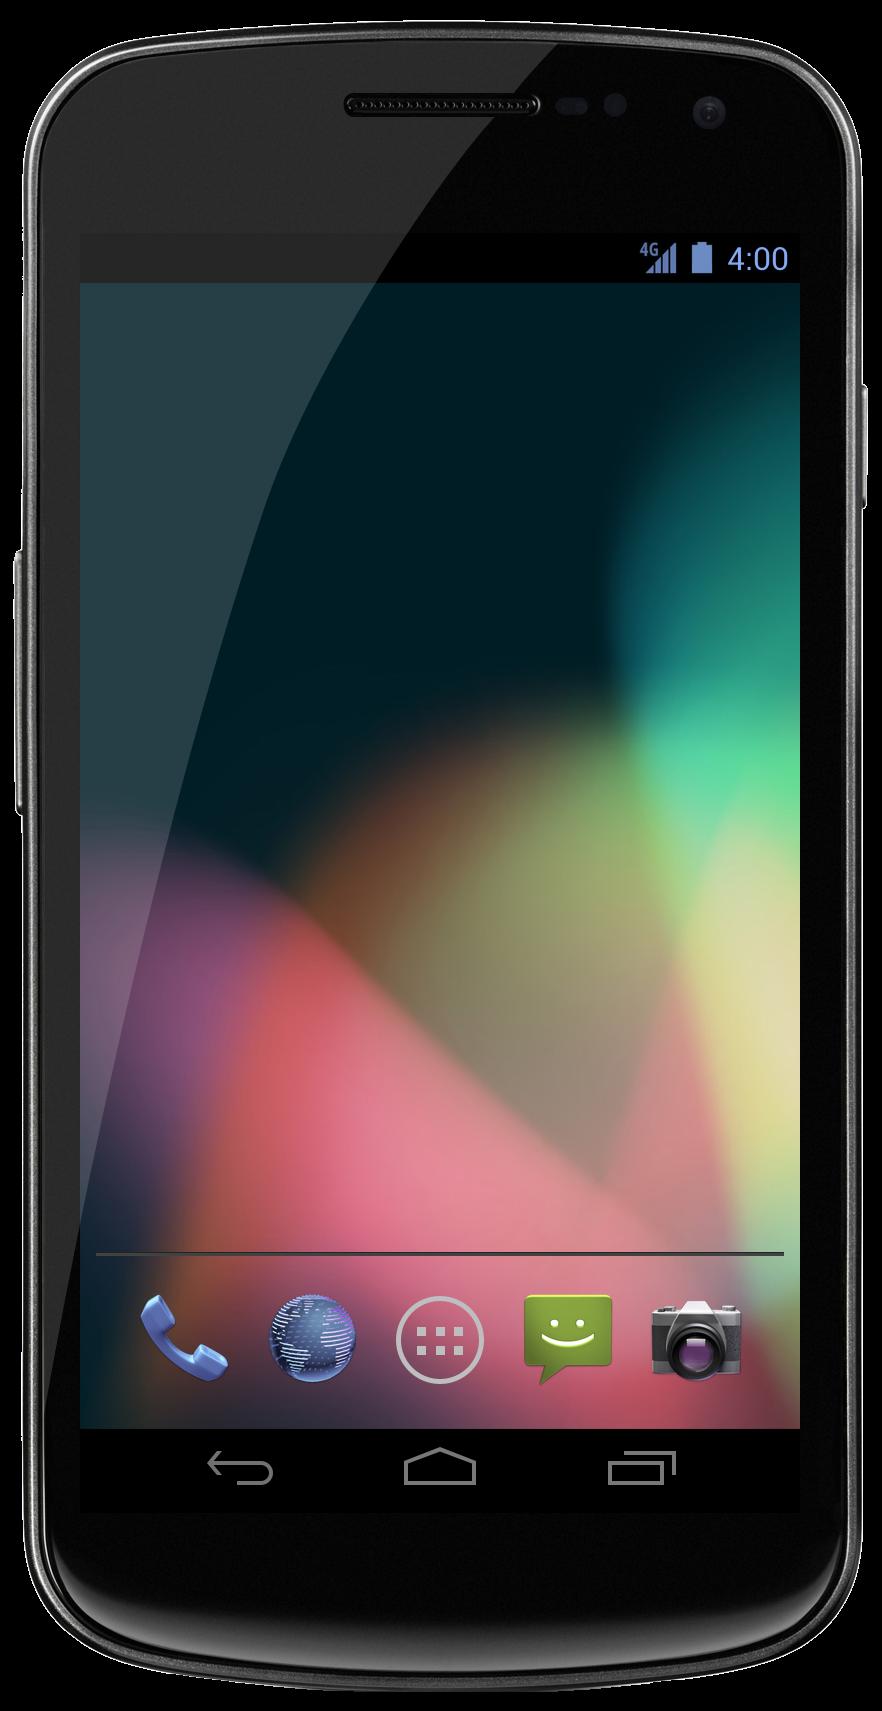 Samsung Galaxy Nexus Render